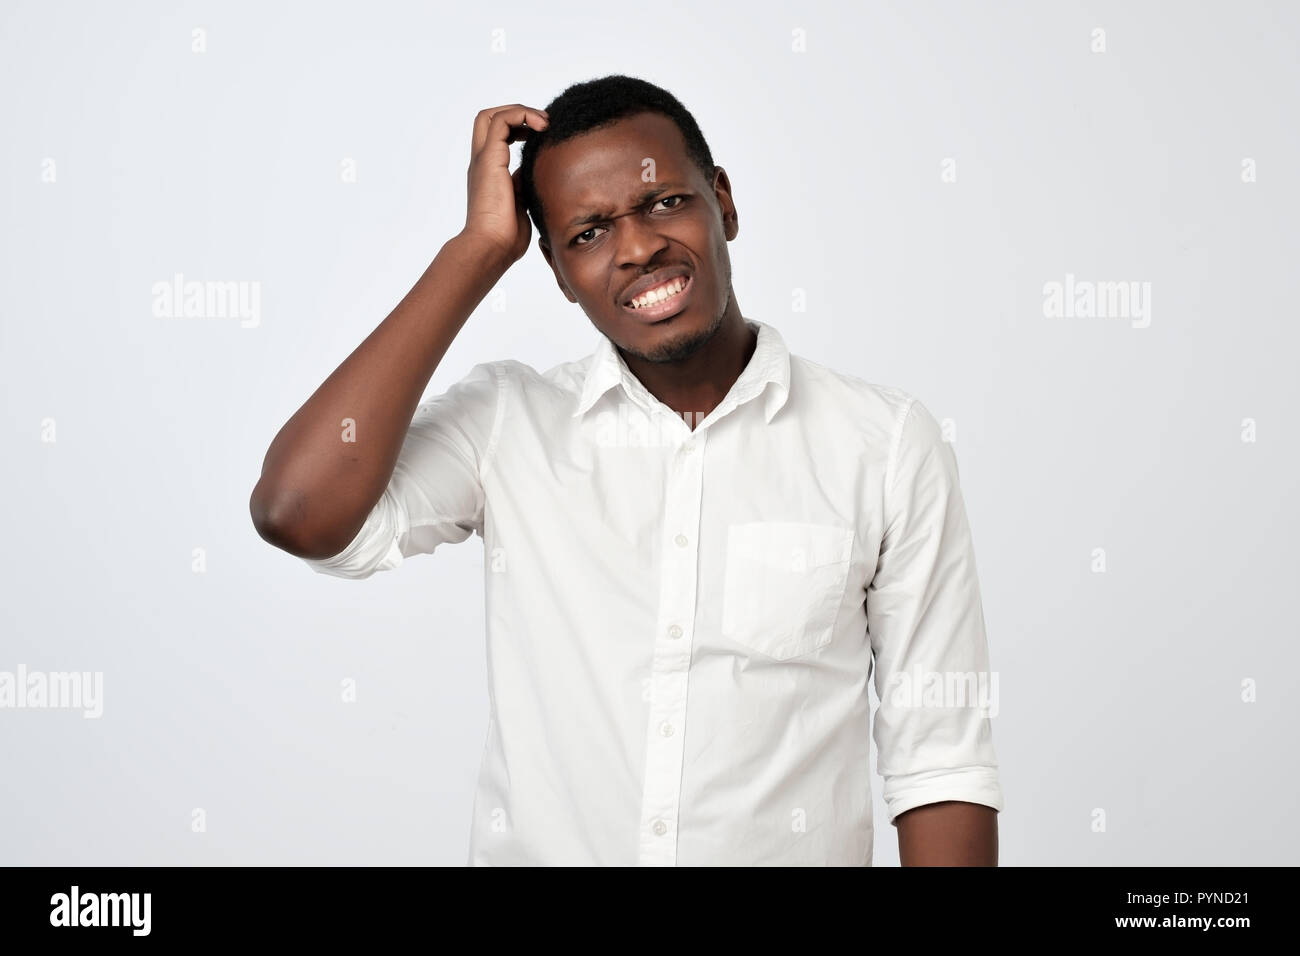 Mann beim treffen nervös [PUNIQRANDLINE-(au-dating-names.txt) 25